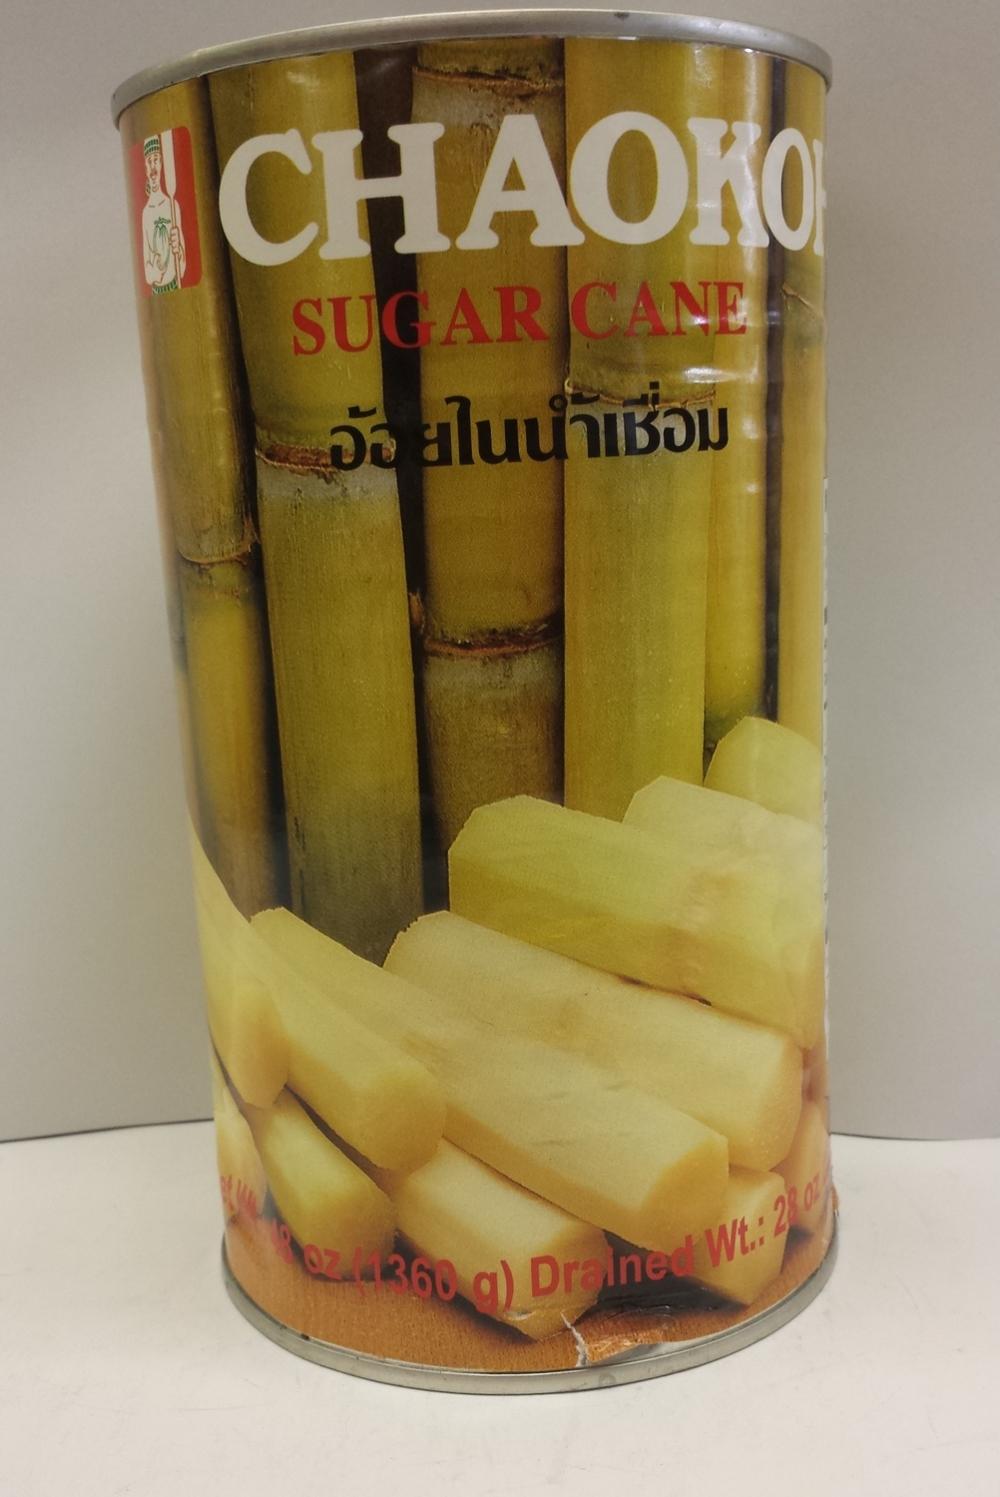 Sugar Cane    Chaokoh   FC17104 12x48 oz